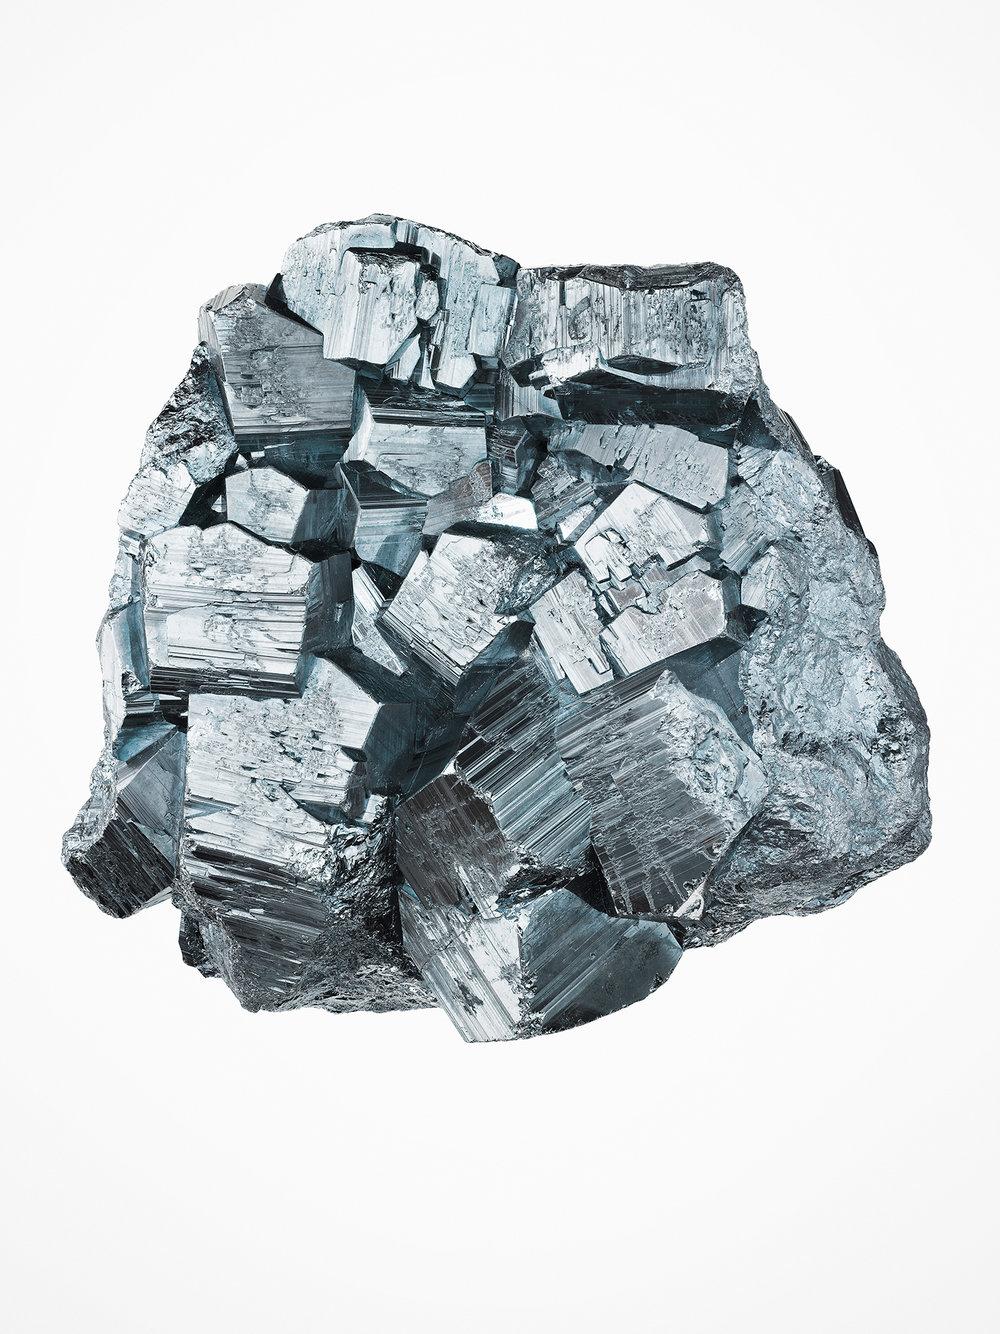 meteoroid3.jpg